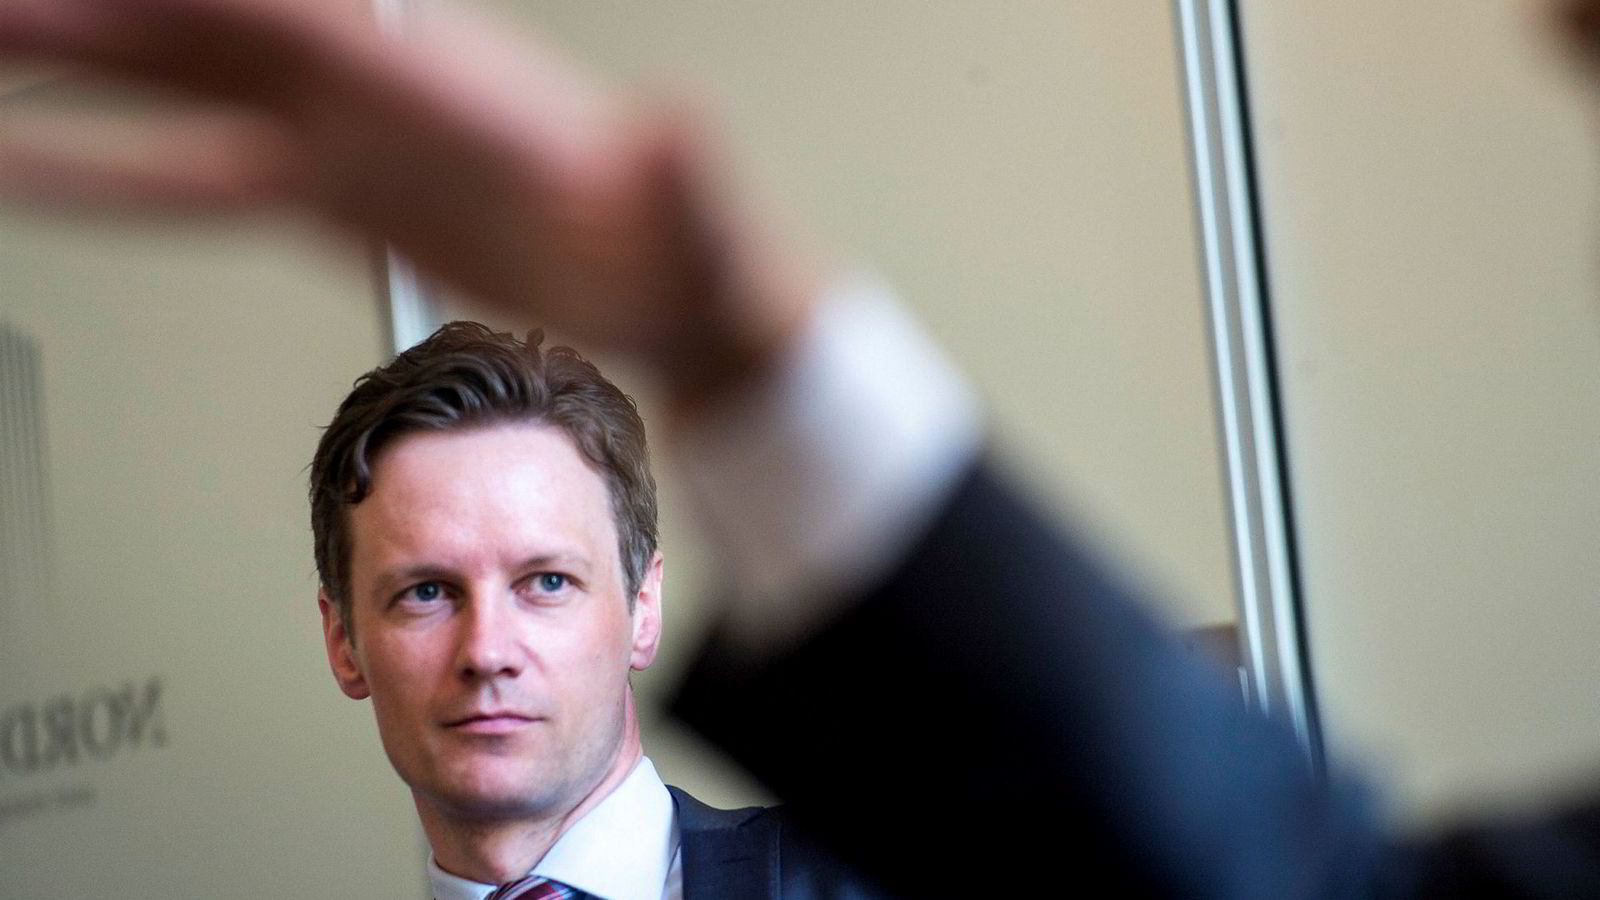 Sjeføkonom Bjørn Roger Wilhelmsen ser ingen grunn til å åpne lommeboken for nye aksjer helt ennå.